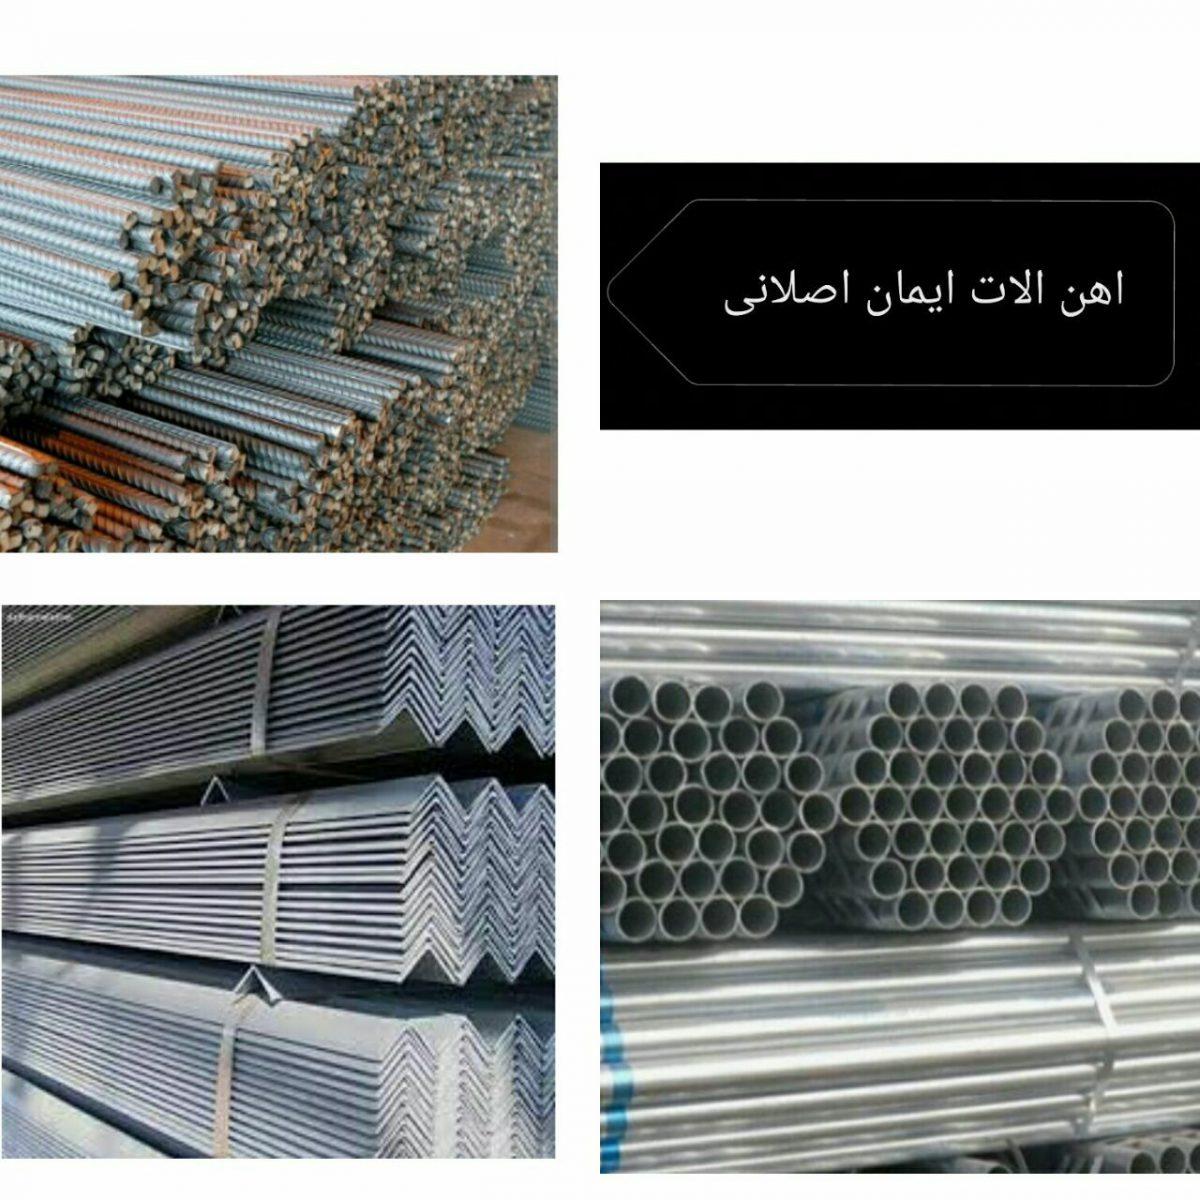 فروش انواع آهن آلات صنعتی وساختمانی